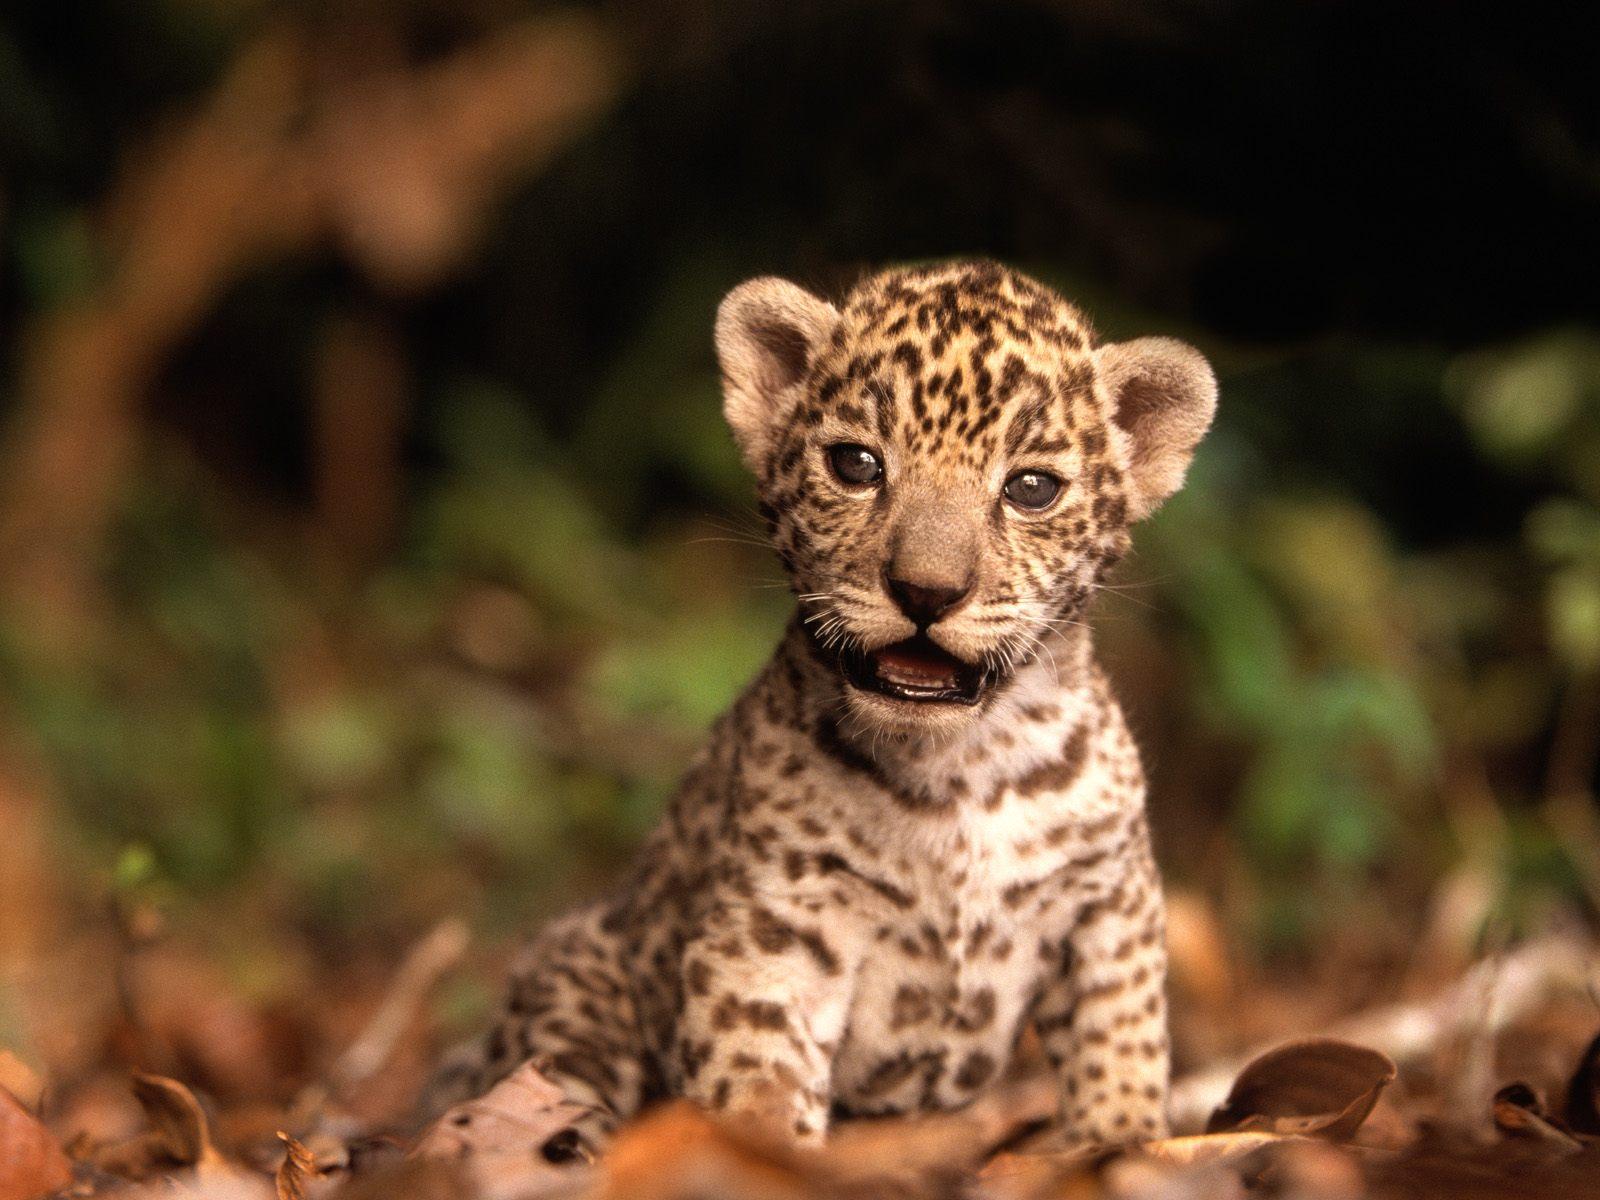 Hd jaguar wallpapers desktop wallpapers - Jaar wallpapers ...